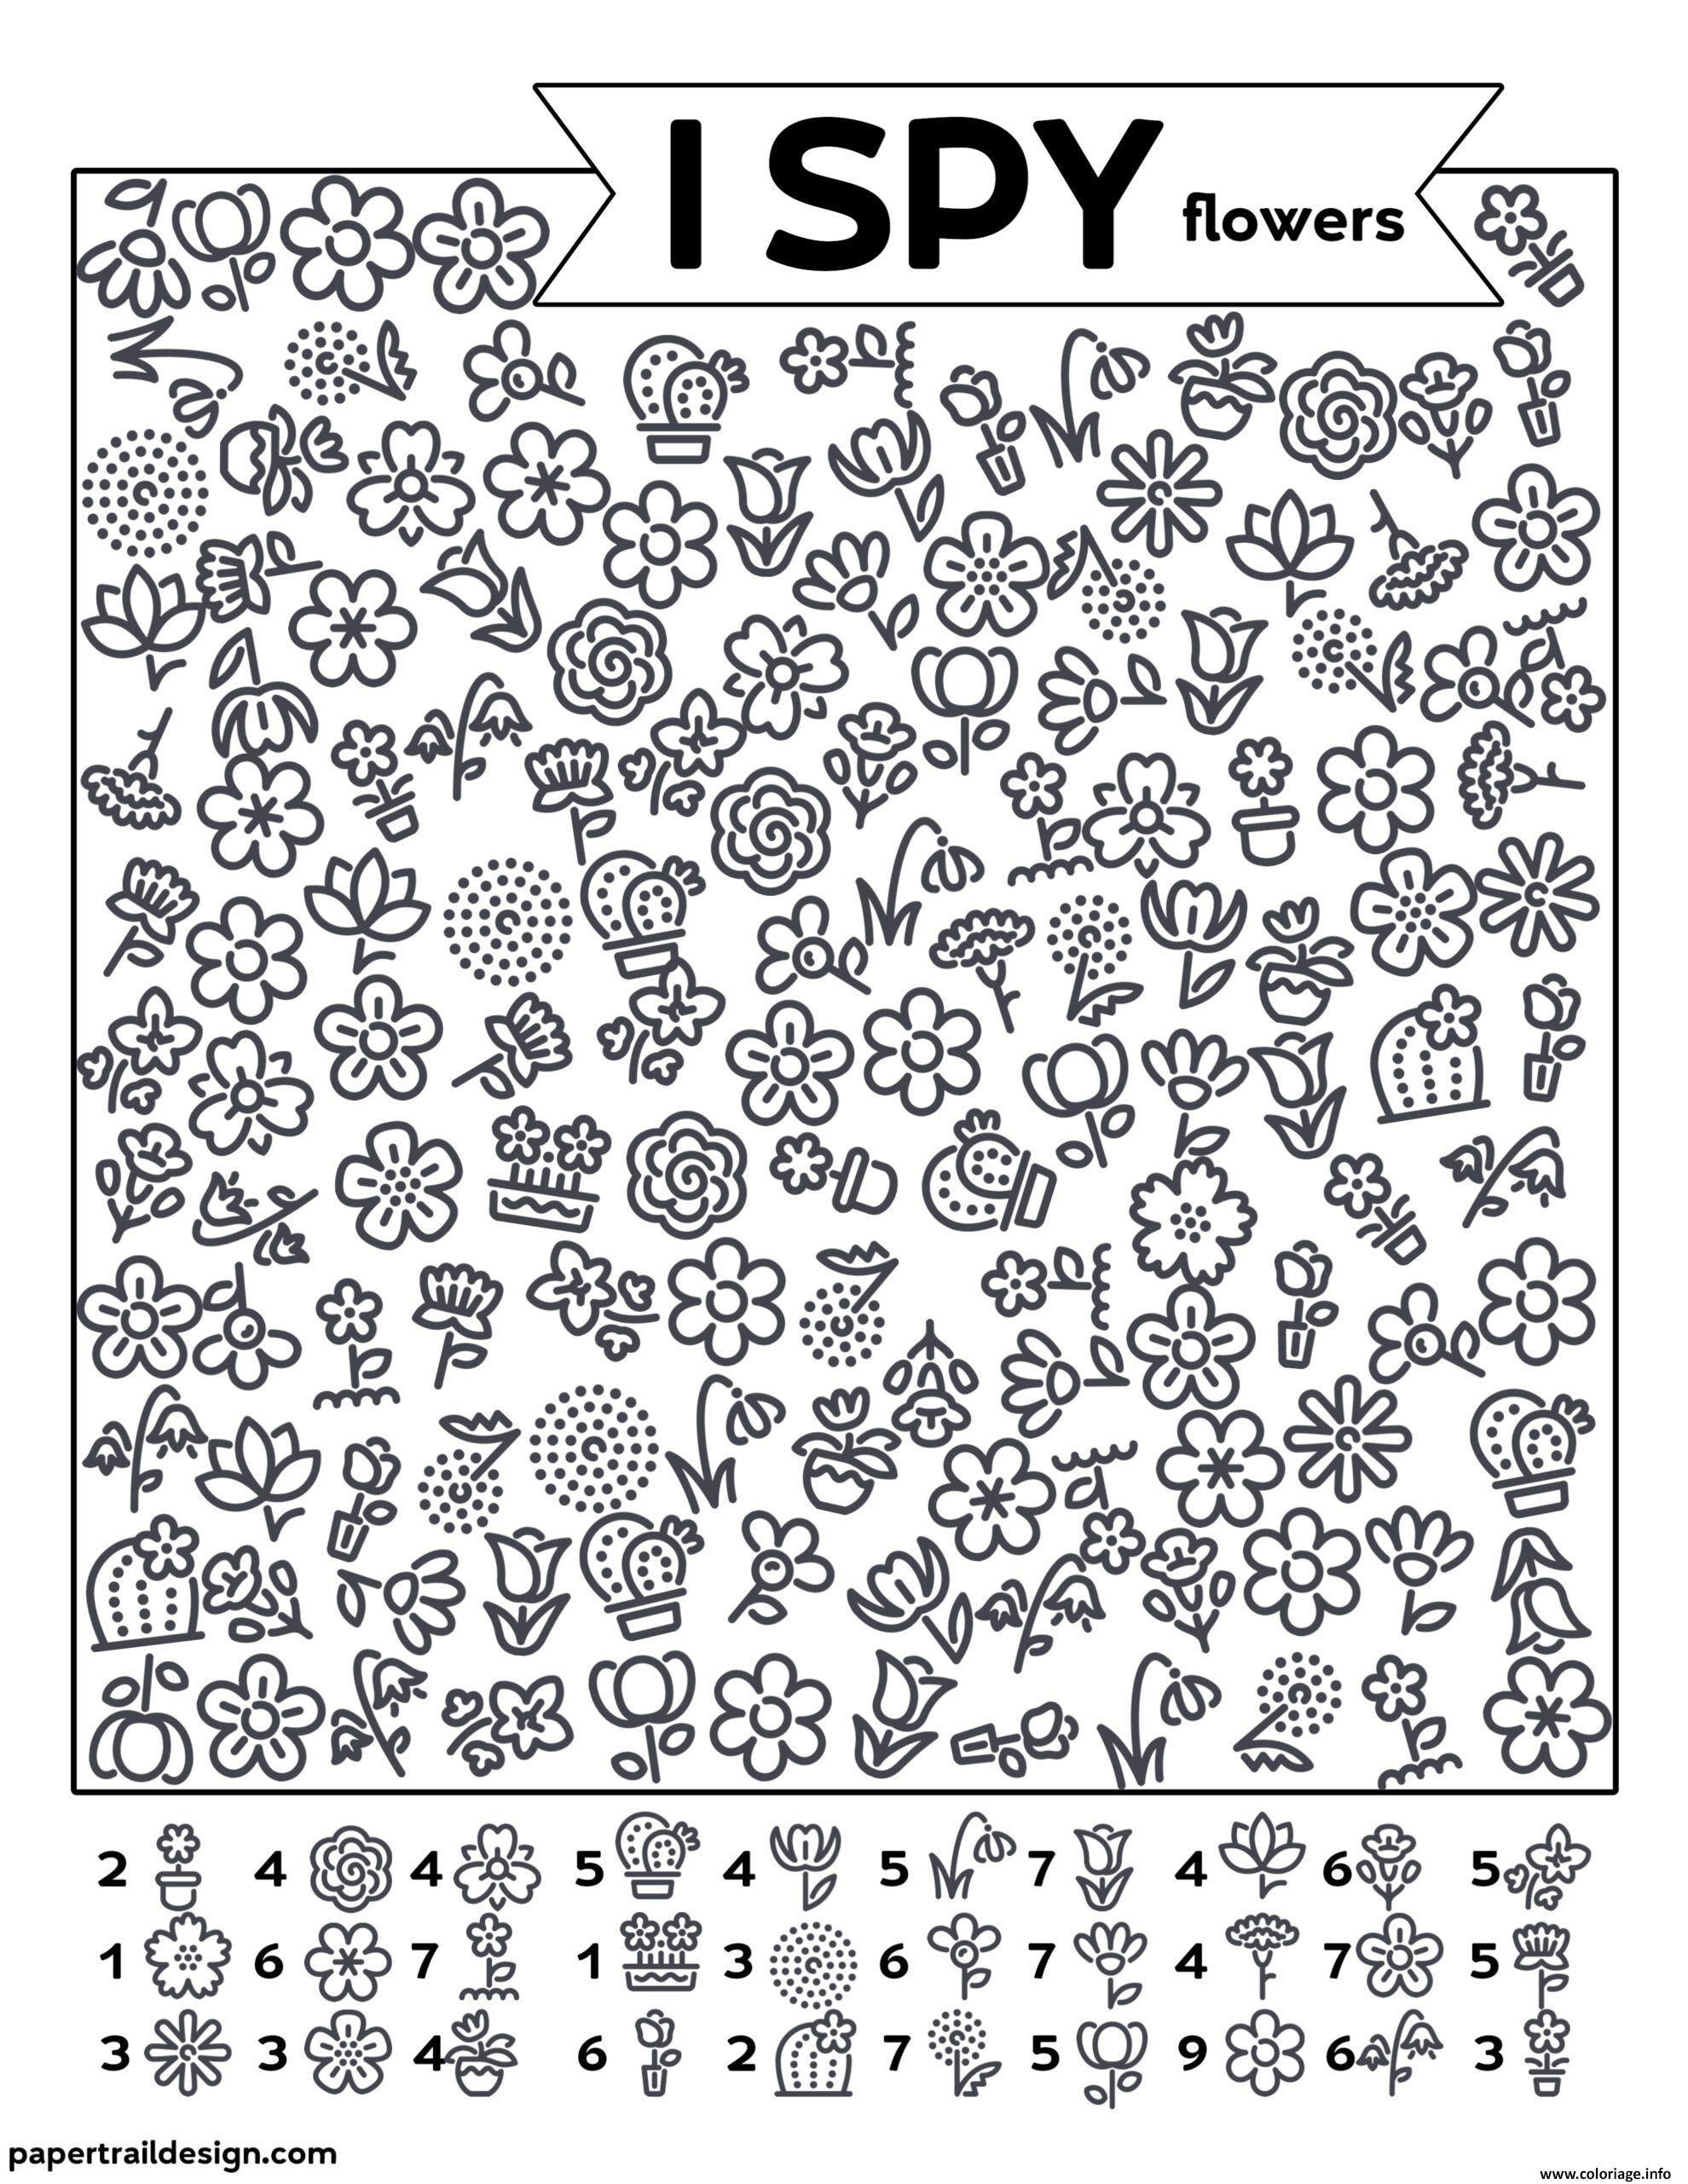 Dessin Fleurs Cherche et Trouve Coloriage Gratuit à Imprimer